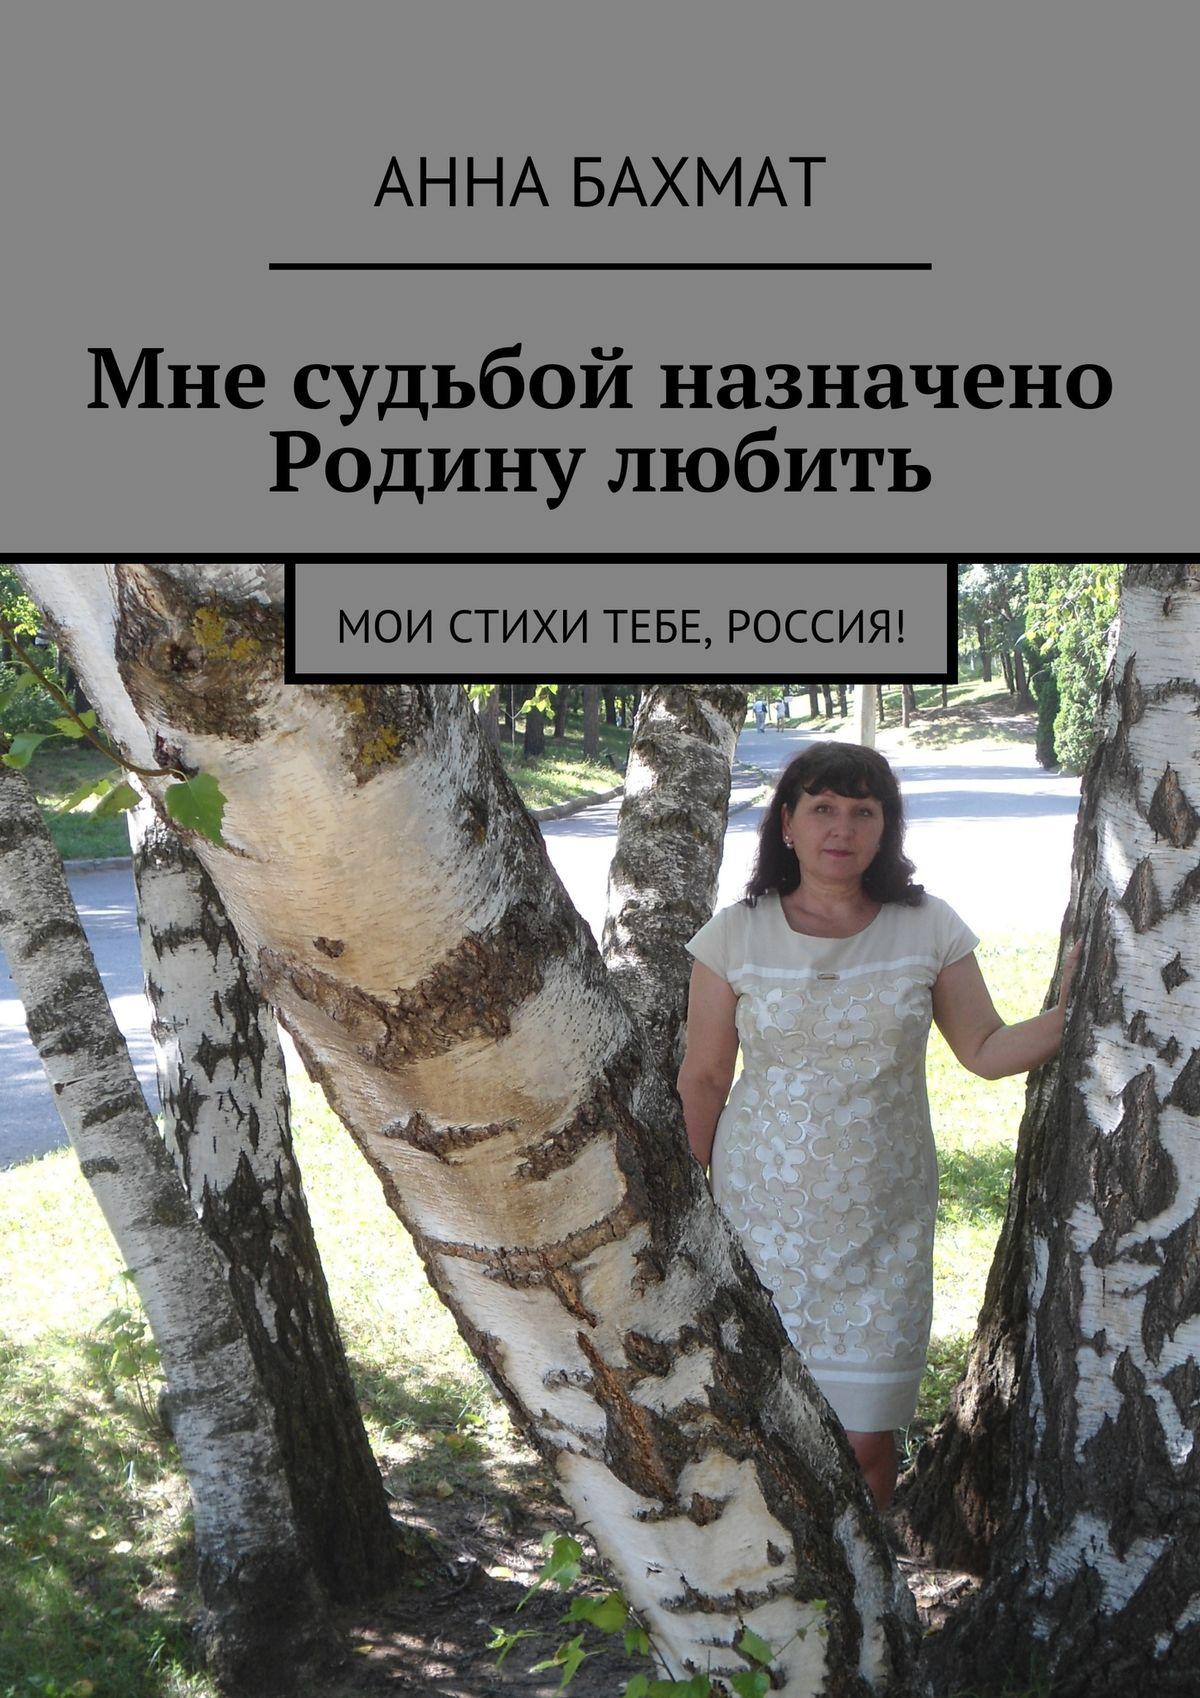 Анна Бахмат Мне судьбой назначено Родину любить. Мои стихи тебе, Россия!